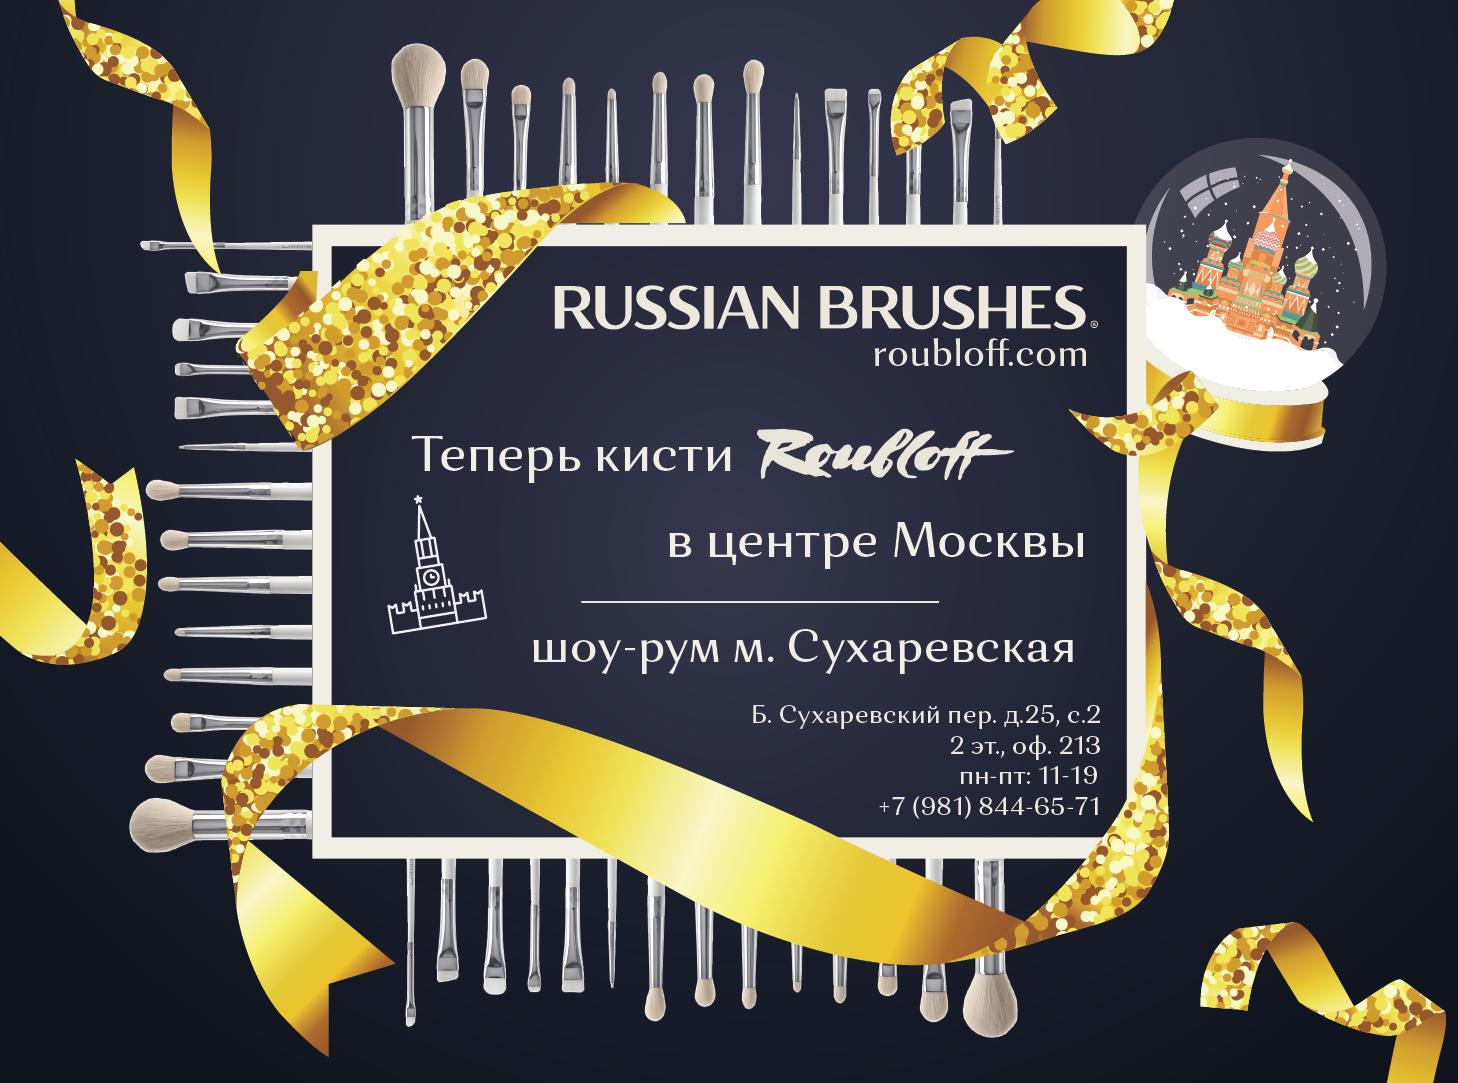 Шоу-рум в центре Москвы от Russian Brushes